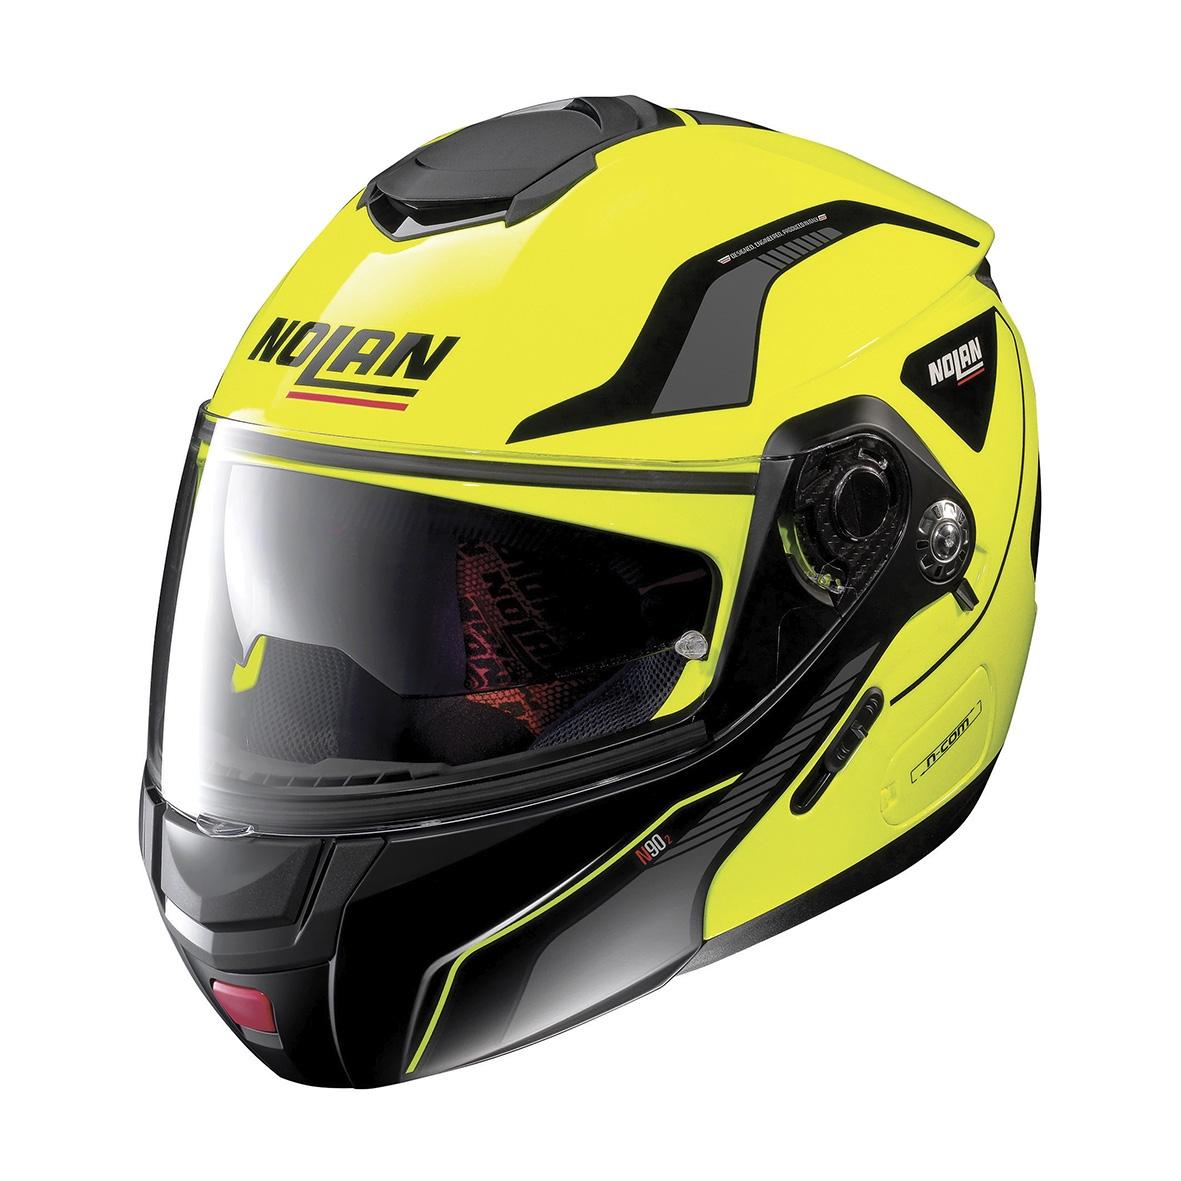 Moto helma Nolan N90-2 Straton N-Com Led Yellow 18